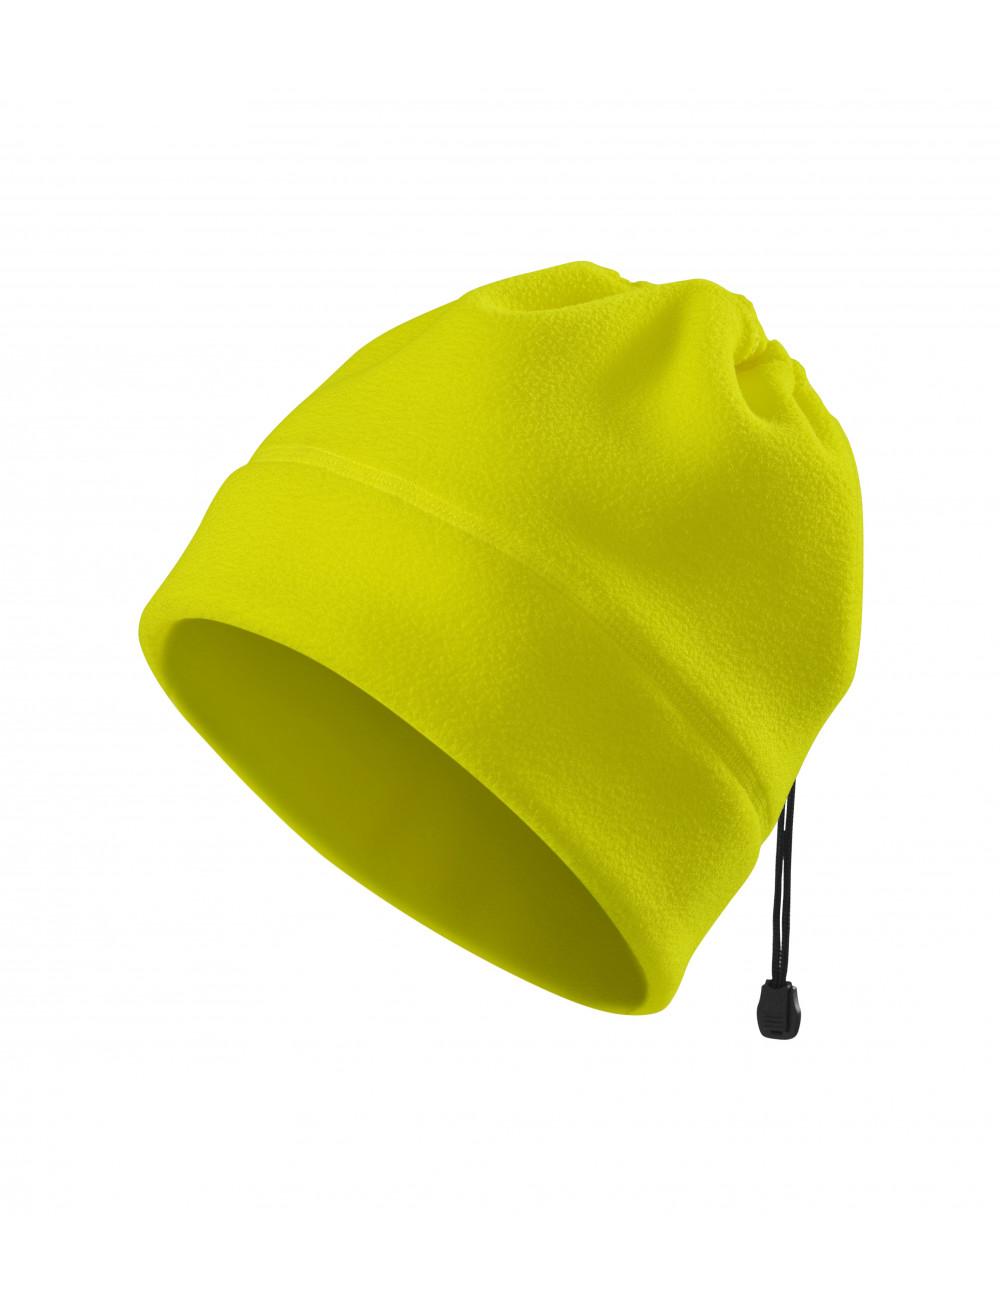 Adler RIMECK Czapka polarowa unisex HV Practic 5V9 żółty odblaskowy